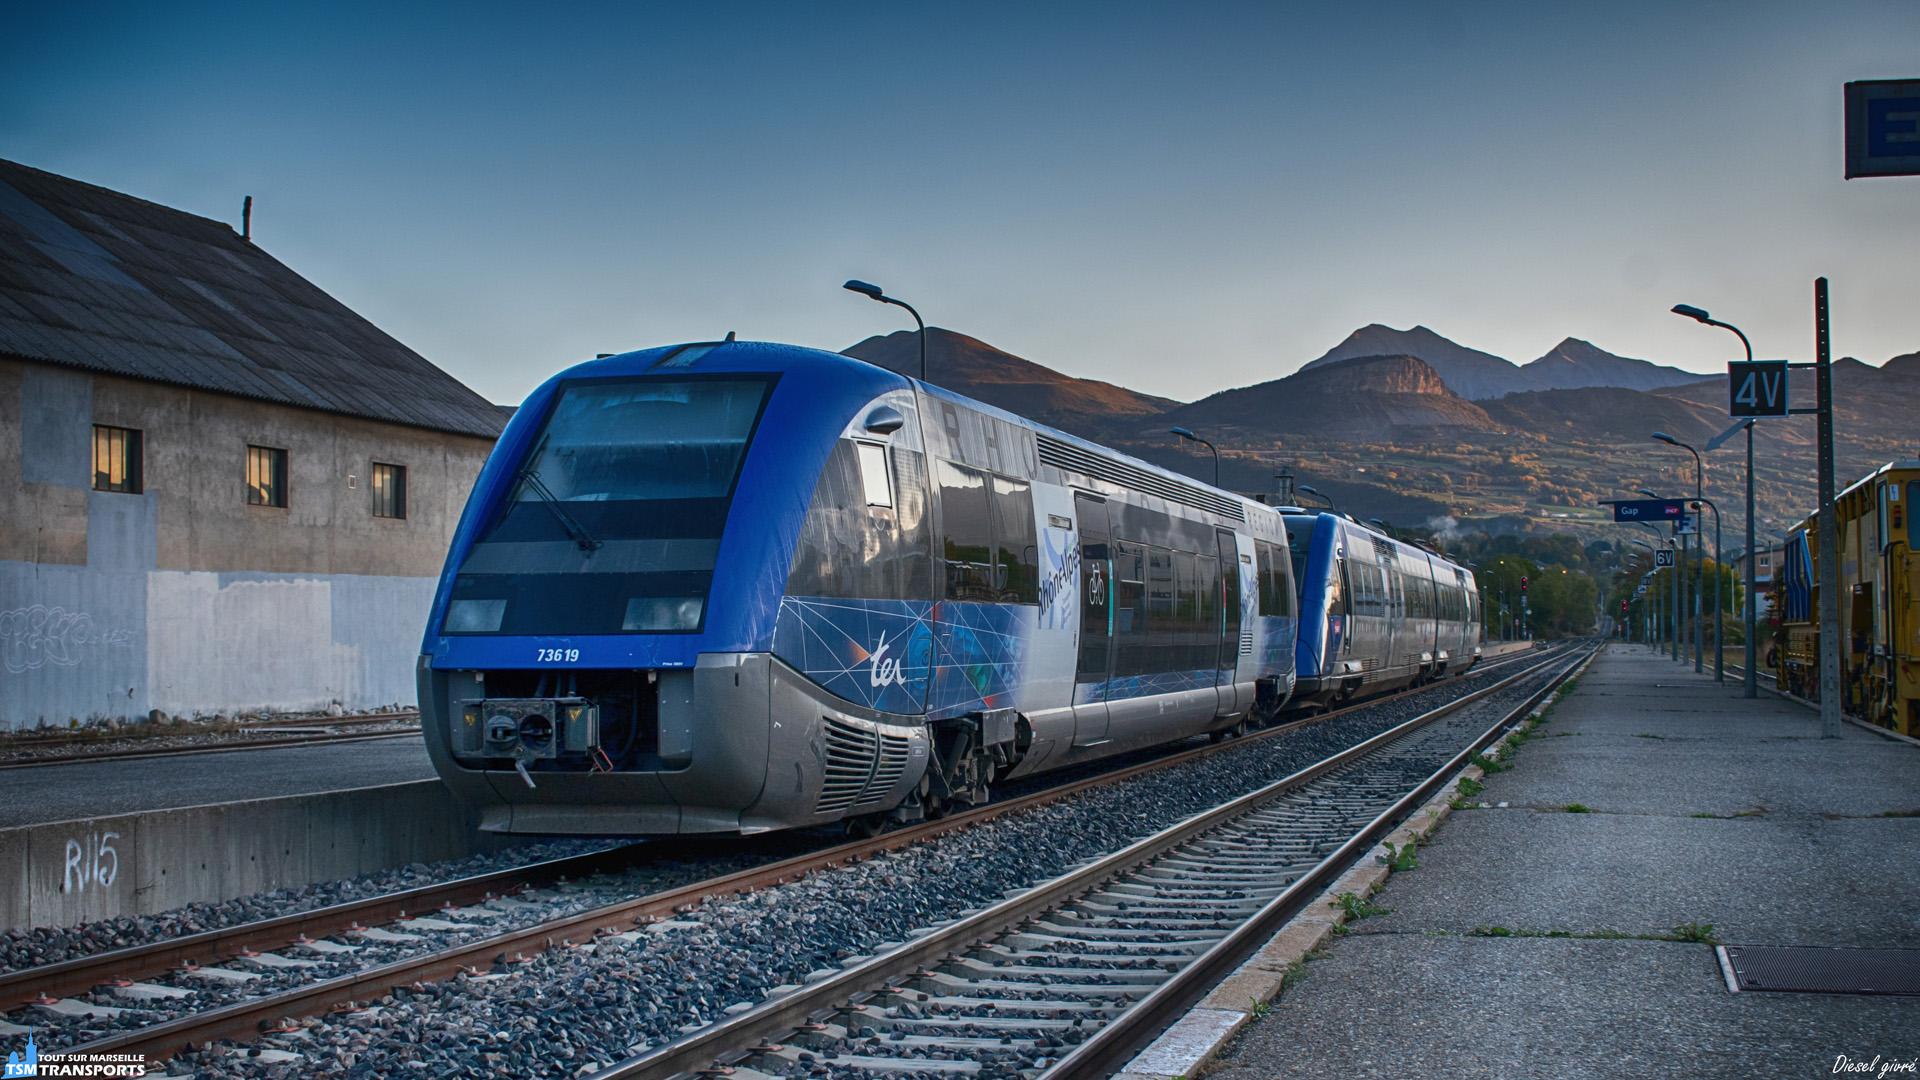 """Au petit matin, la gare de Gap s'éveille lentement dans une atmosphère presque hivernale et avec 6 petits degrés au thermomètre . Devant mon objectif, un Ater suivi de près par un Xter se reposent sur la voie B et vont bientôt profiter des chaleureux rayons du soleil. . ℹ️ Alstom X73500 (X73519) livrée Rhône Alpes kaléidoscope. . ℹ️ Alstom X72500 (X72533/34) Baptisé """"Écrins"""". . 📍 Gare de Gap, 2 place de la gare, 05000 Gap. . 📖 Le Massif des écrins est un massif montagneux situé dans les Hautes Alpes et l'Isère. . 📸 Nikon D5600. . 📷 Nikkor 18-55mm. . 📅 26 Octobre 2019 à 8:24."""